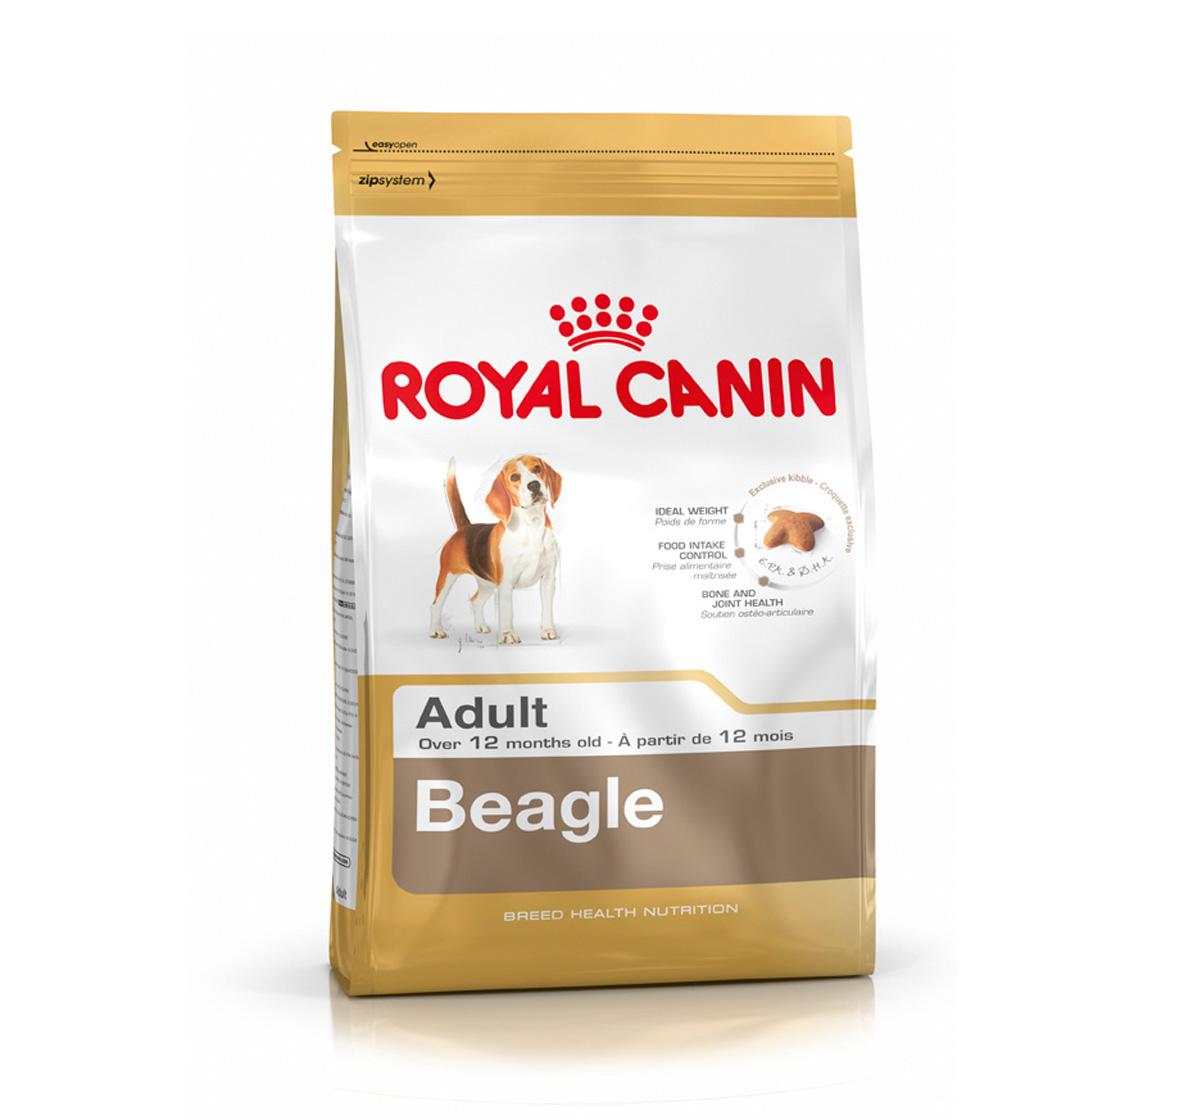 royal canin beagle adult 3 kg dogspot online pet supply store. Black Bedroom Furniture Sets. Home Design Ideas